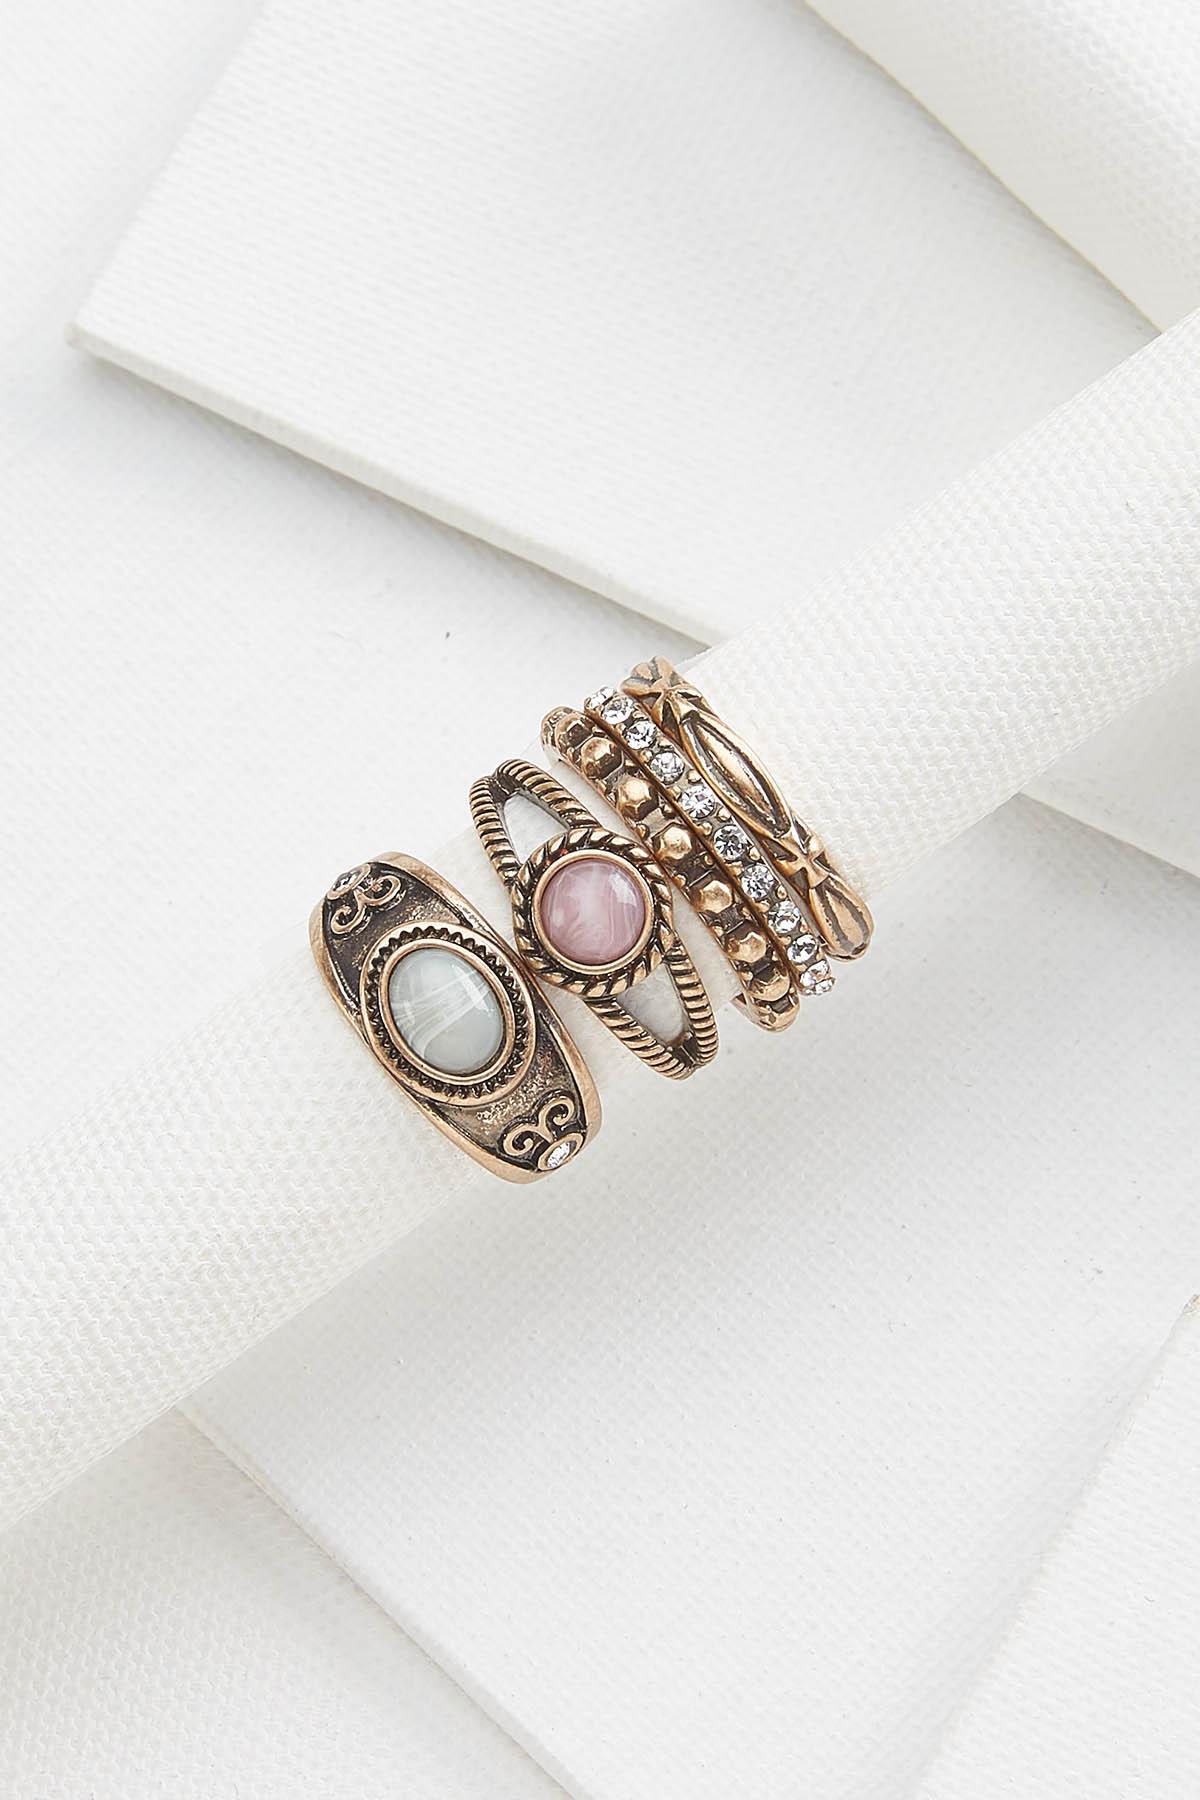 Gold Vintage Ring Set